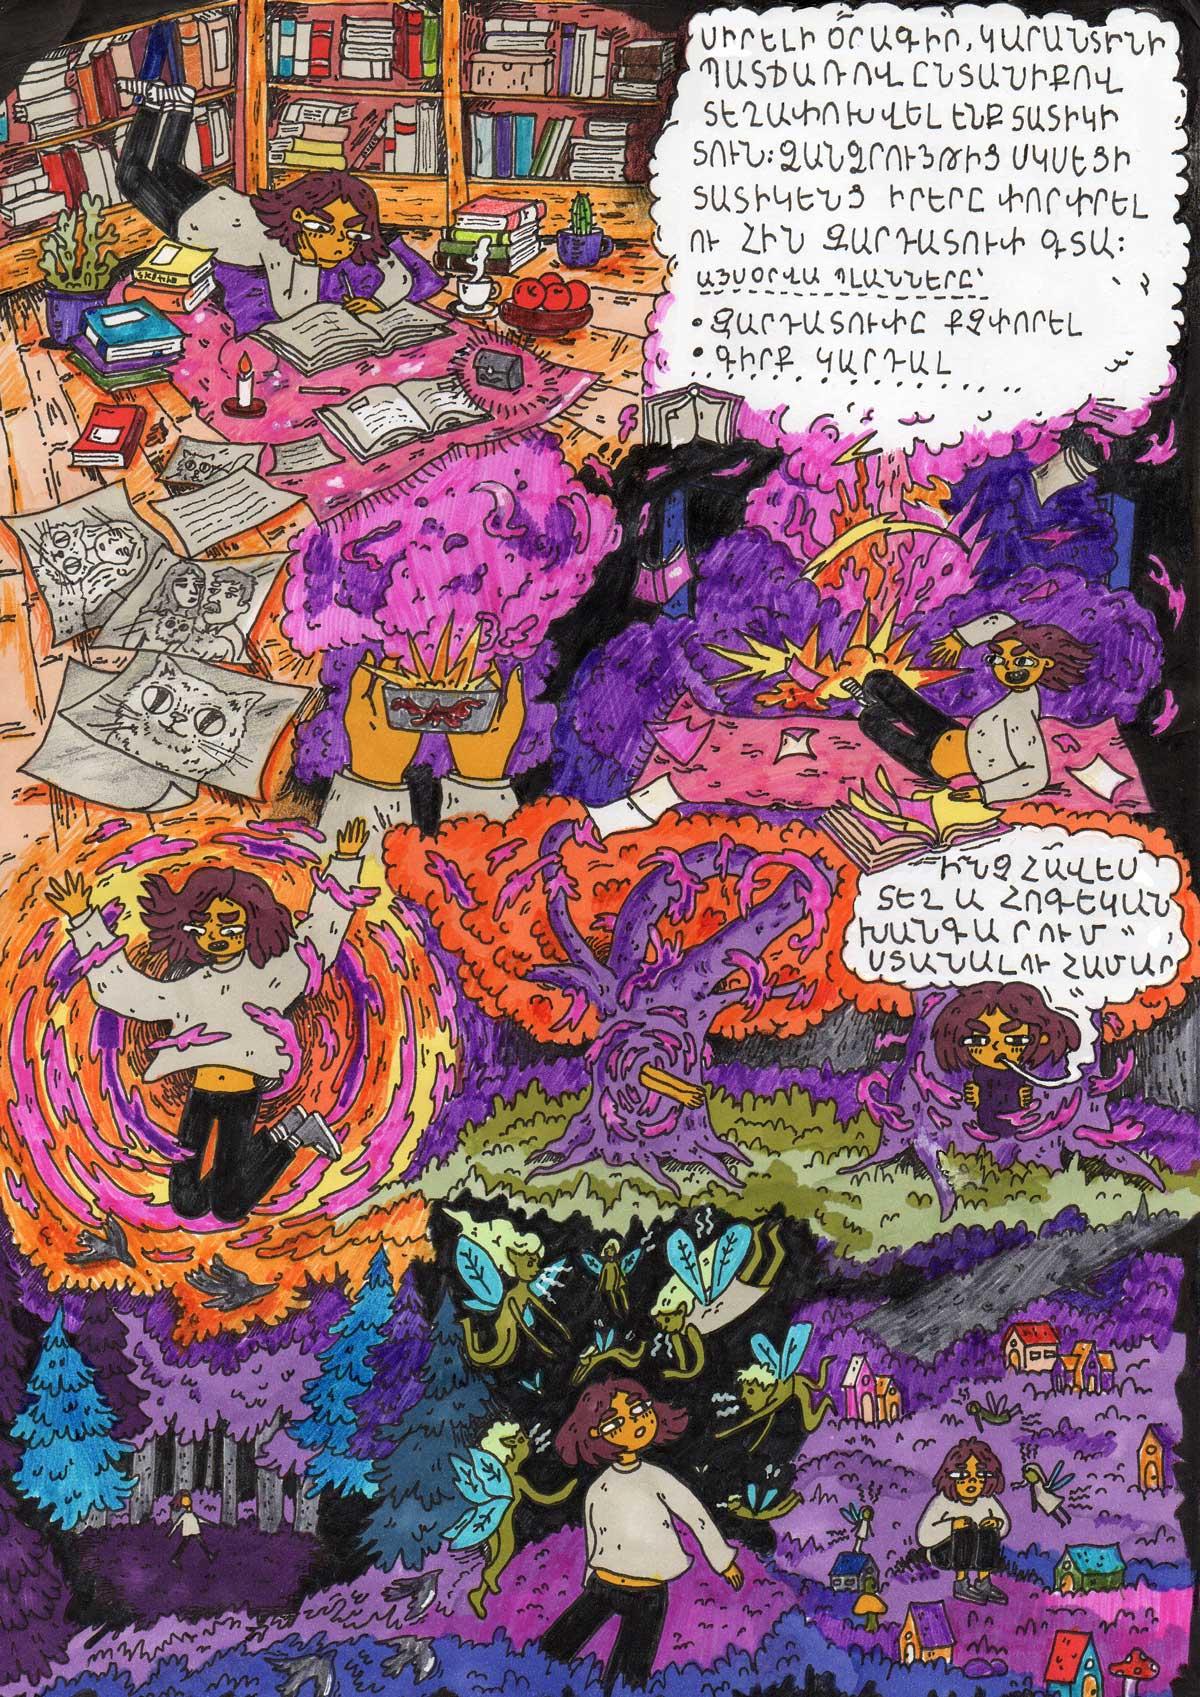 larisa musayelyan 1 - TumoZine Comics with Shamiram Khachatryan